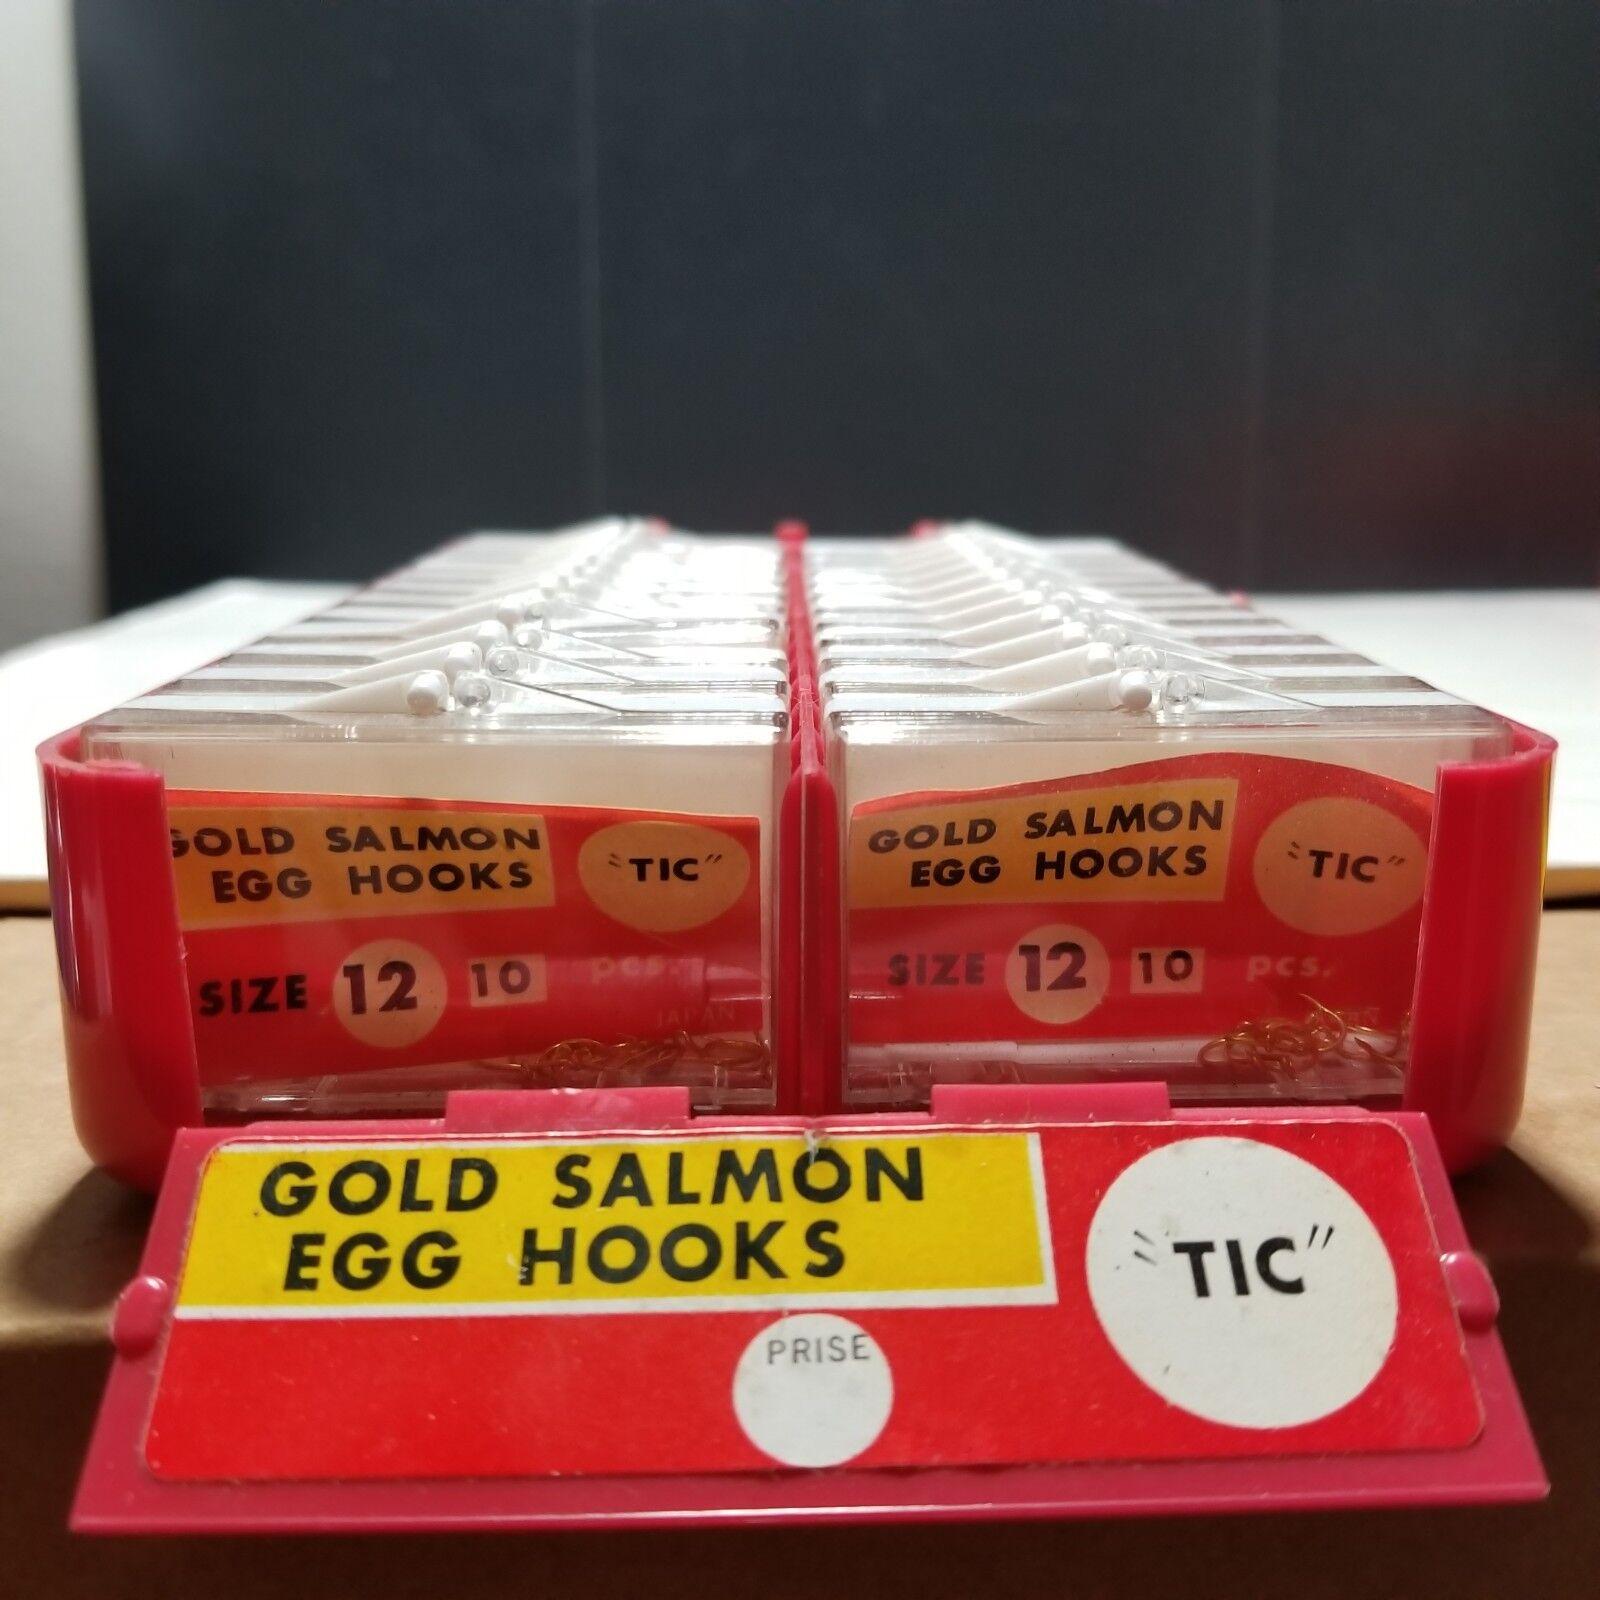 TIC oro Salmón Huevo Ganchos Tamaño 12 Japón 24 X 10 casos de Plástico Ganchos Paq De Colección Nuevo Viejo Stock